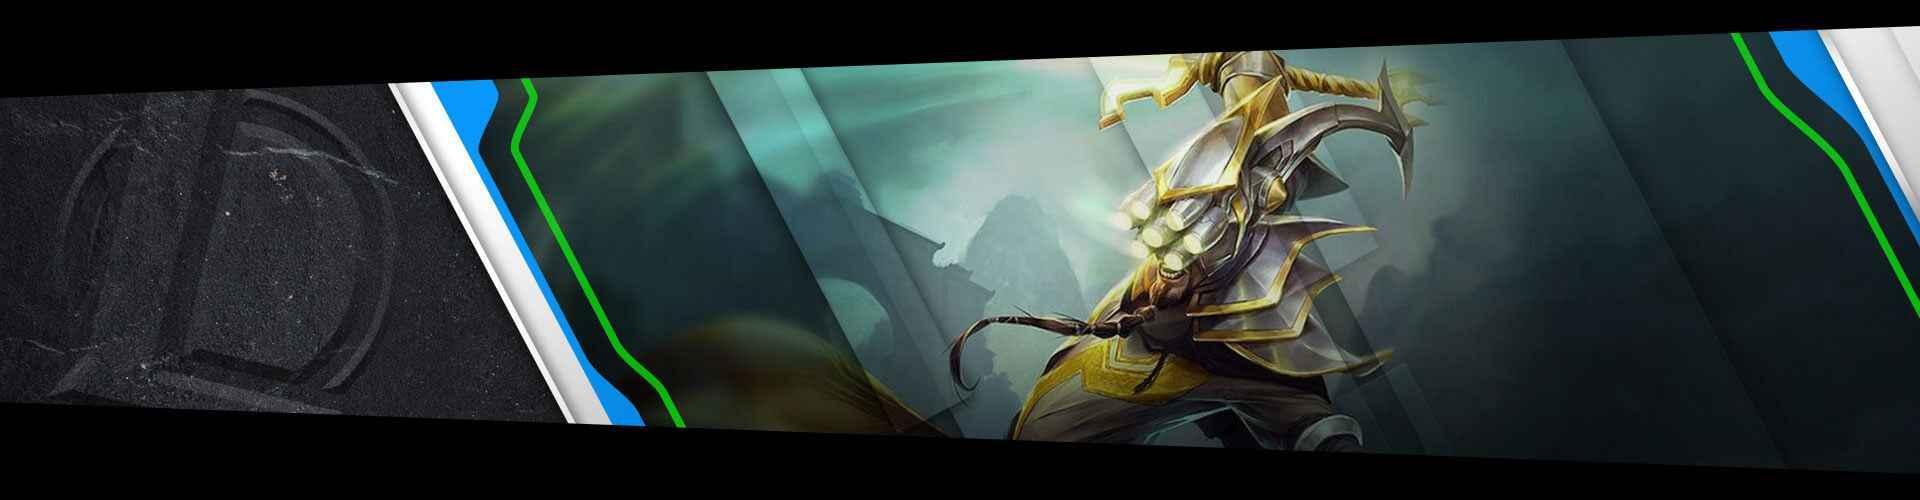 En nybörjarguide för League of Legends för helt nya spelare.